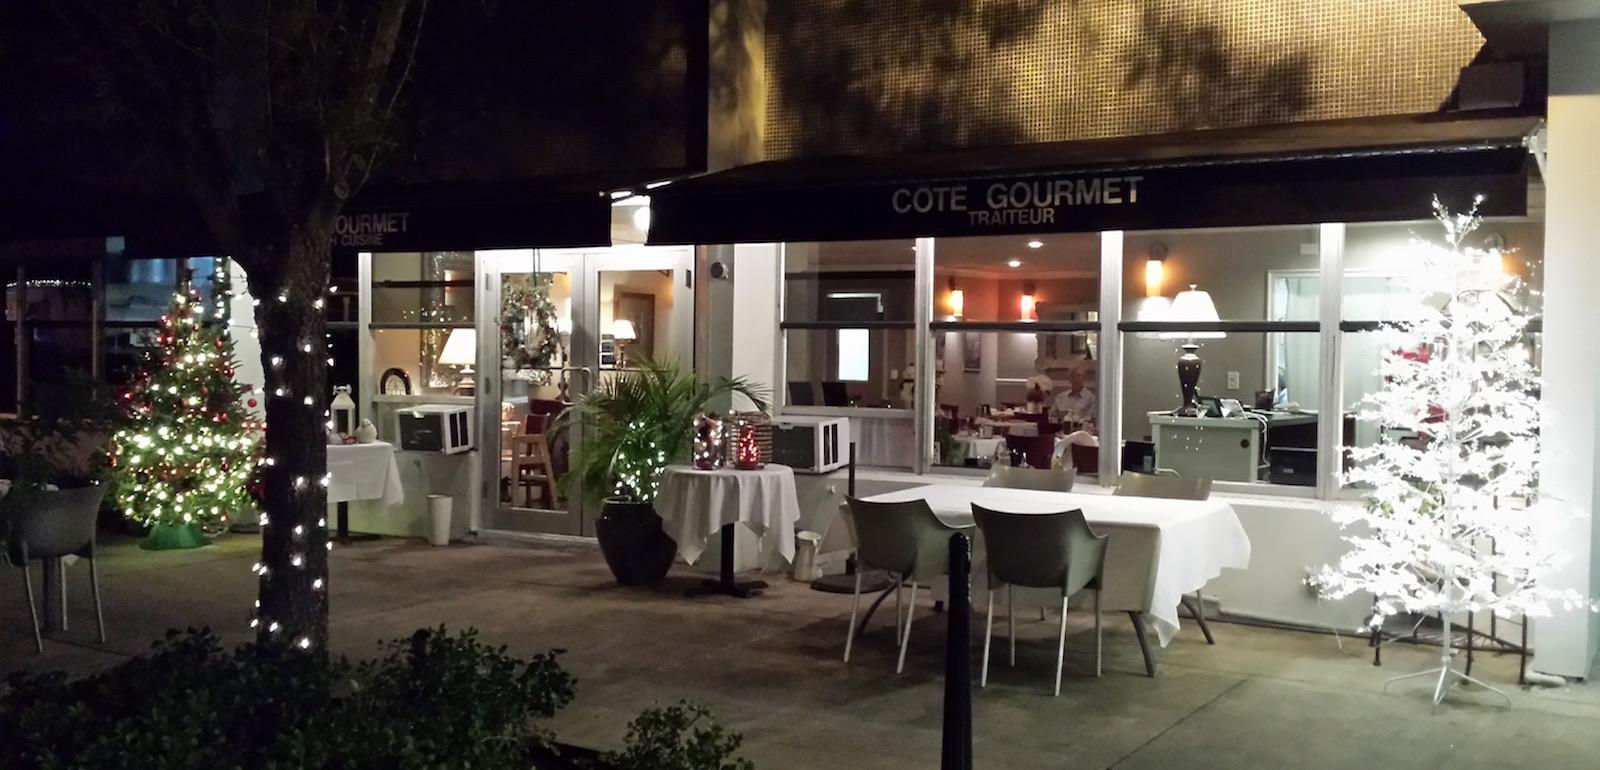 L'esterno del Côté Gourmet, in Florida.